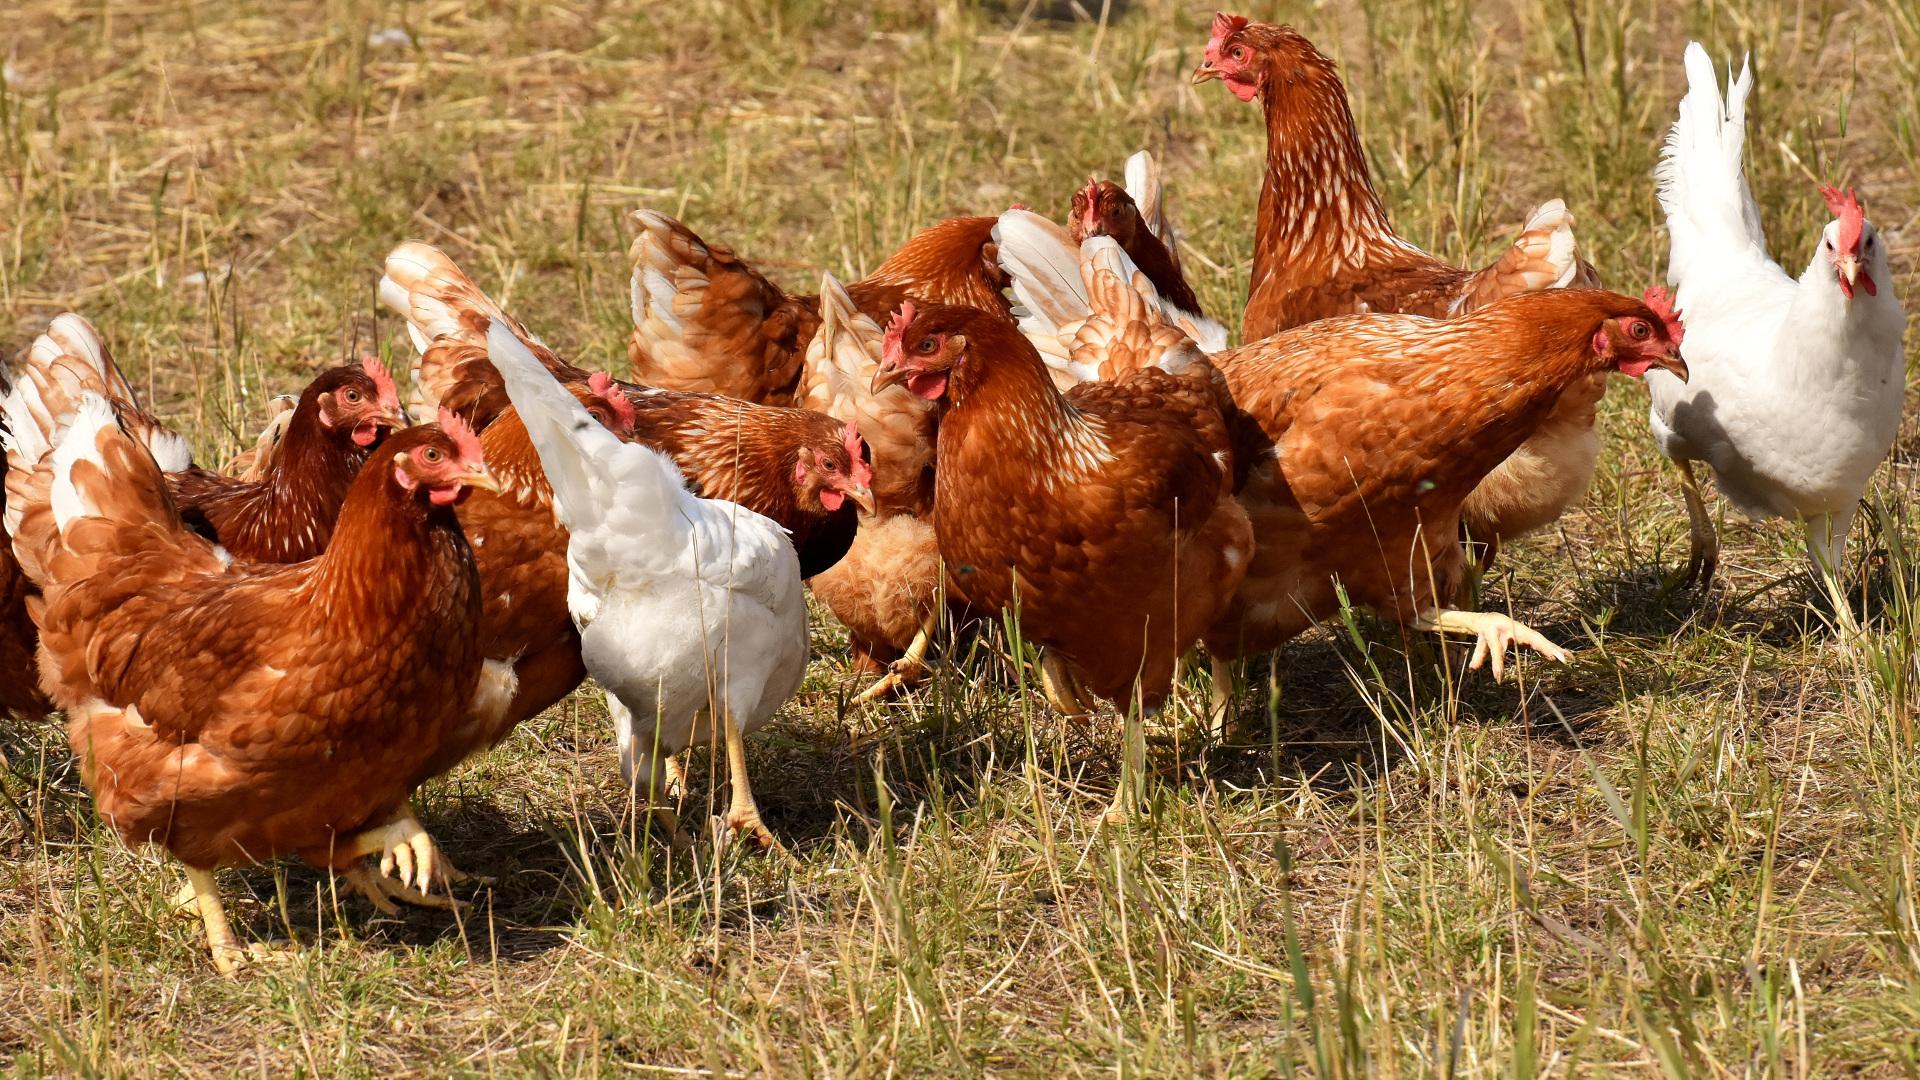 Por meterse donde no lo llamaban Un grupo de gallinas mata a picotazos a un zorro que se colo en su corral 1920